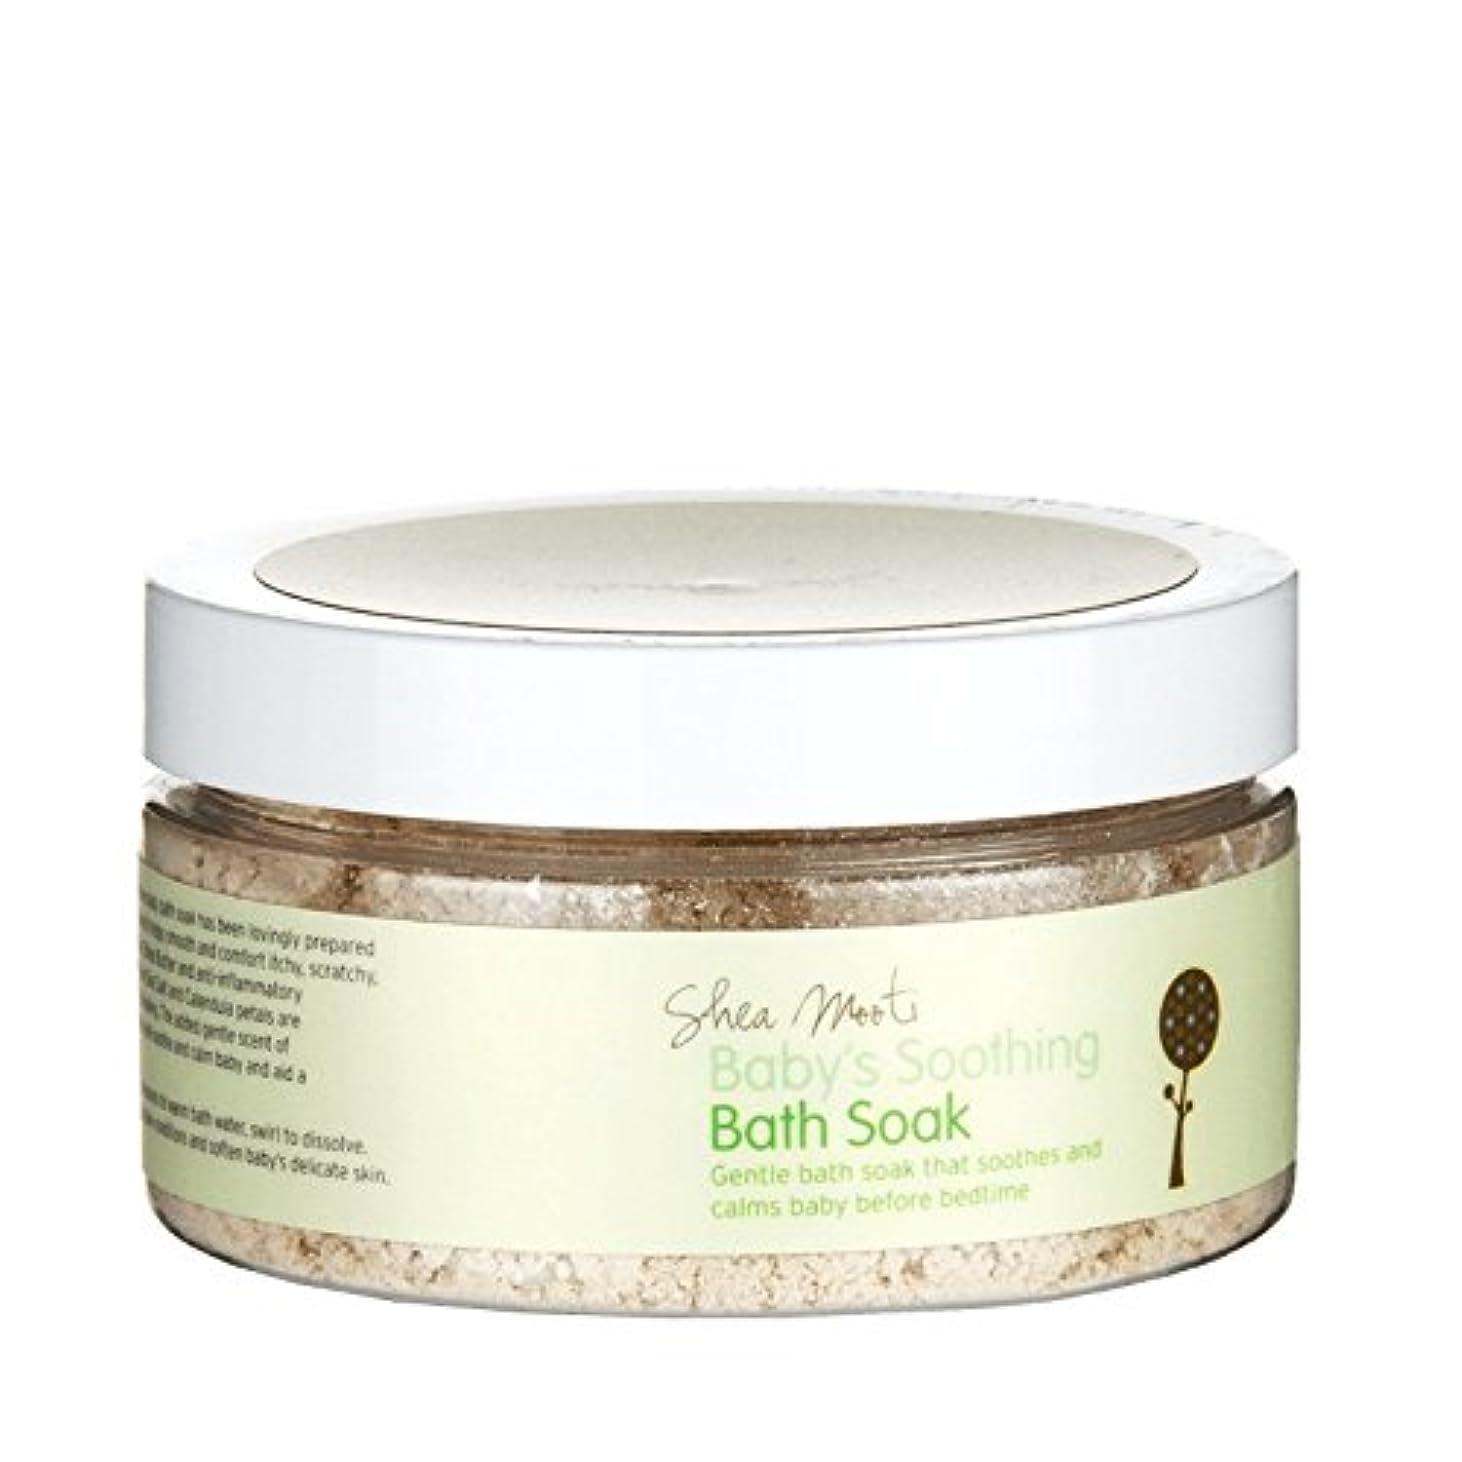 最初はニュース差し控えるShea Mooti Baby's Soothing Bath Soak 130g (Pack of 2) - シアバターMooti赤ちゃんの癒しのお風呂は、130グラムを浸し (x2) [並行輸入品]